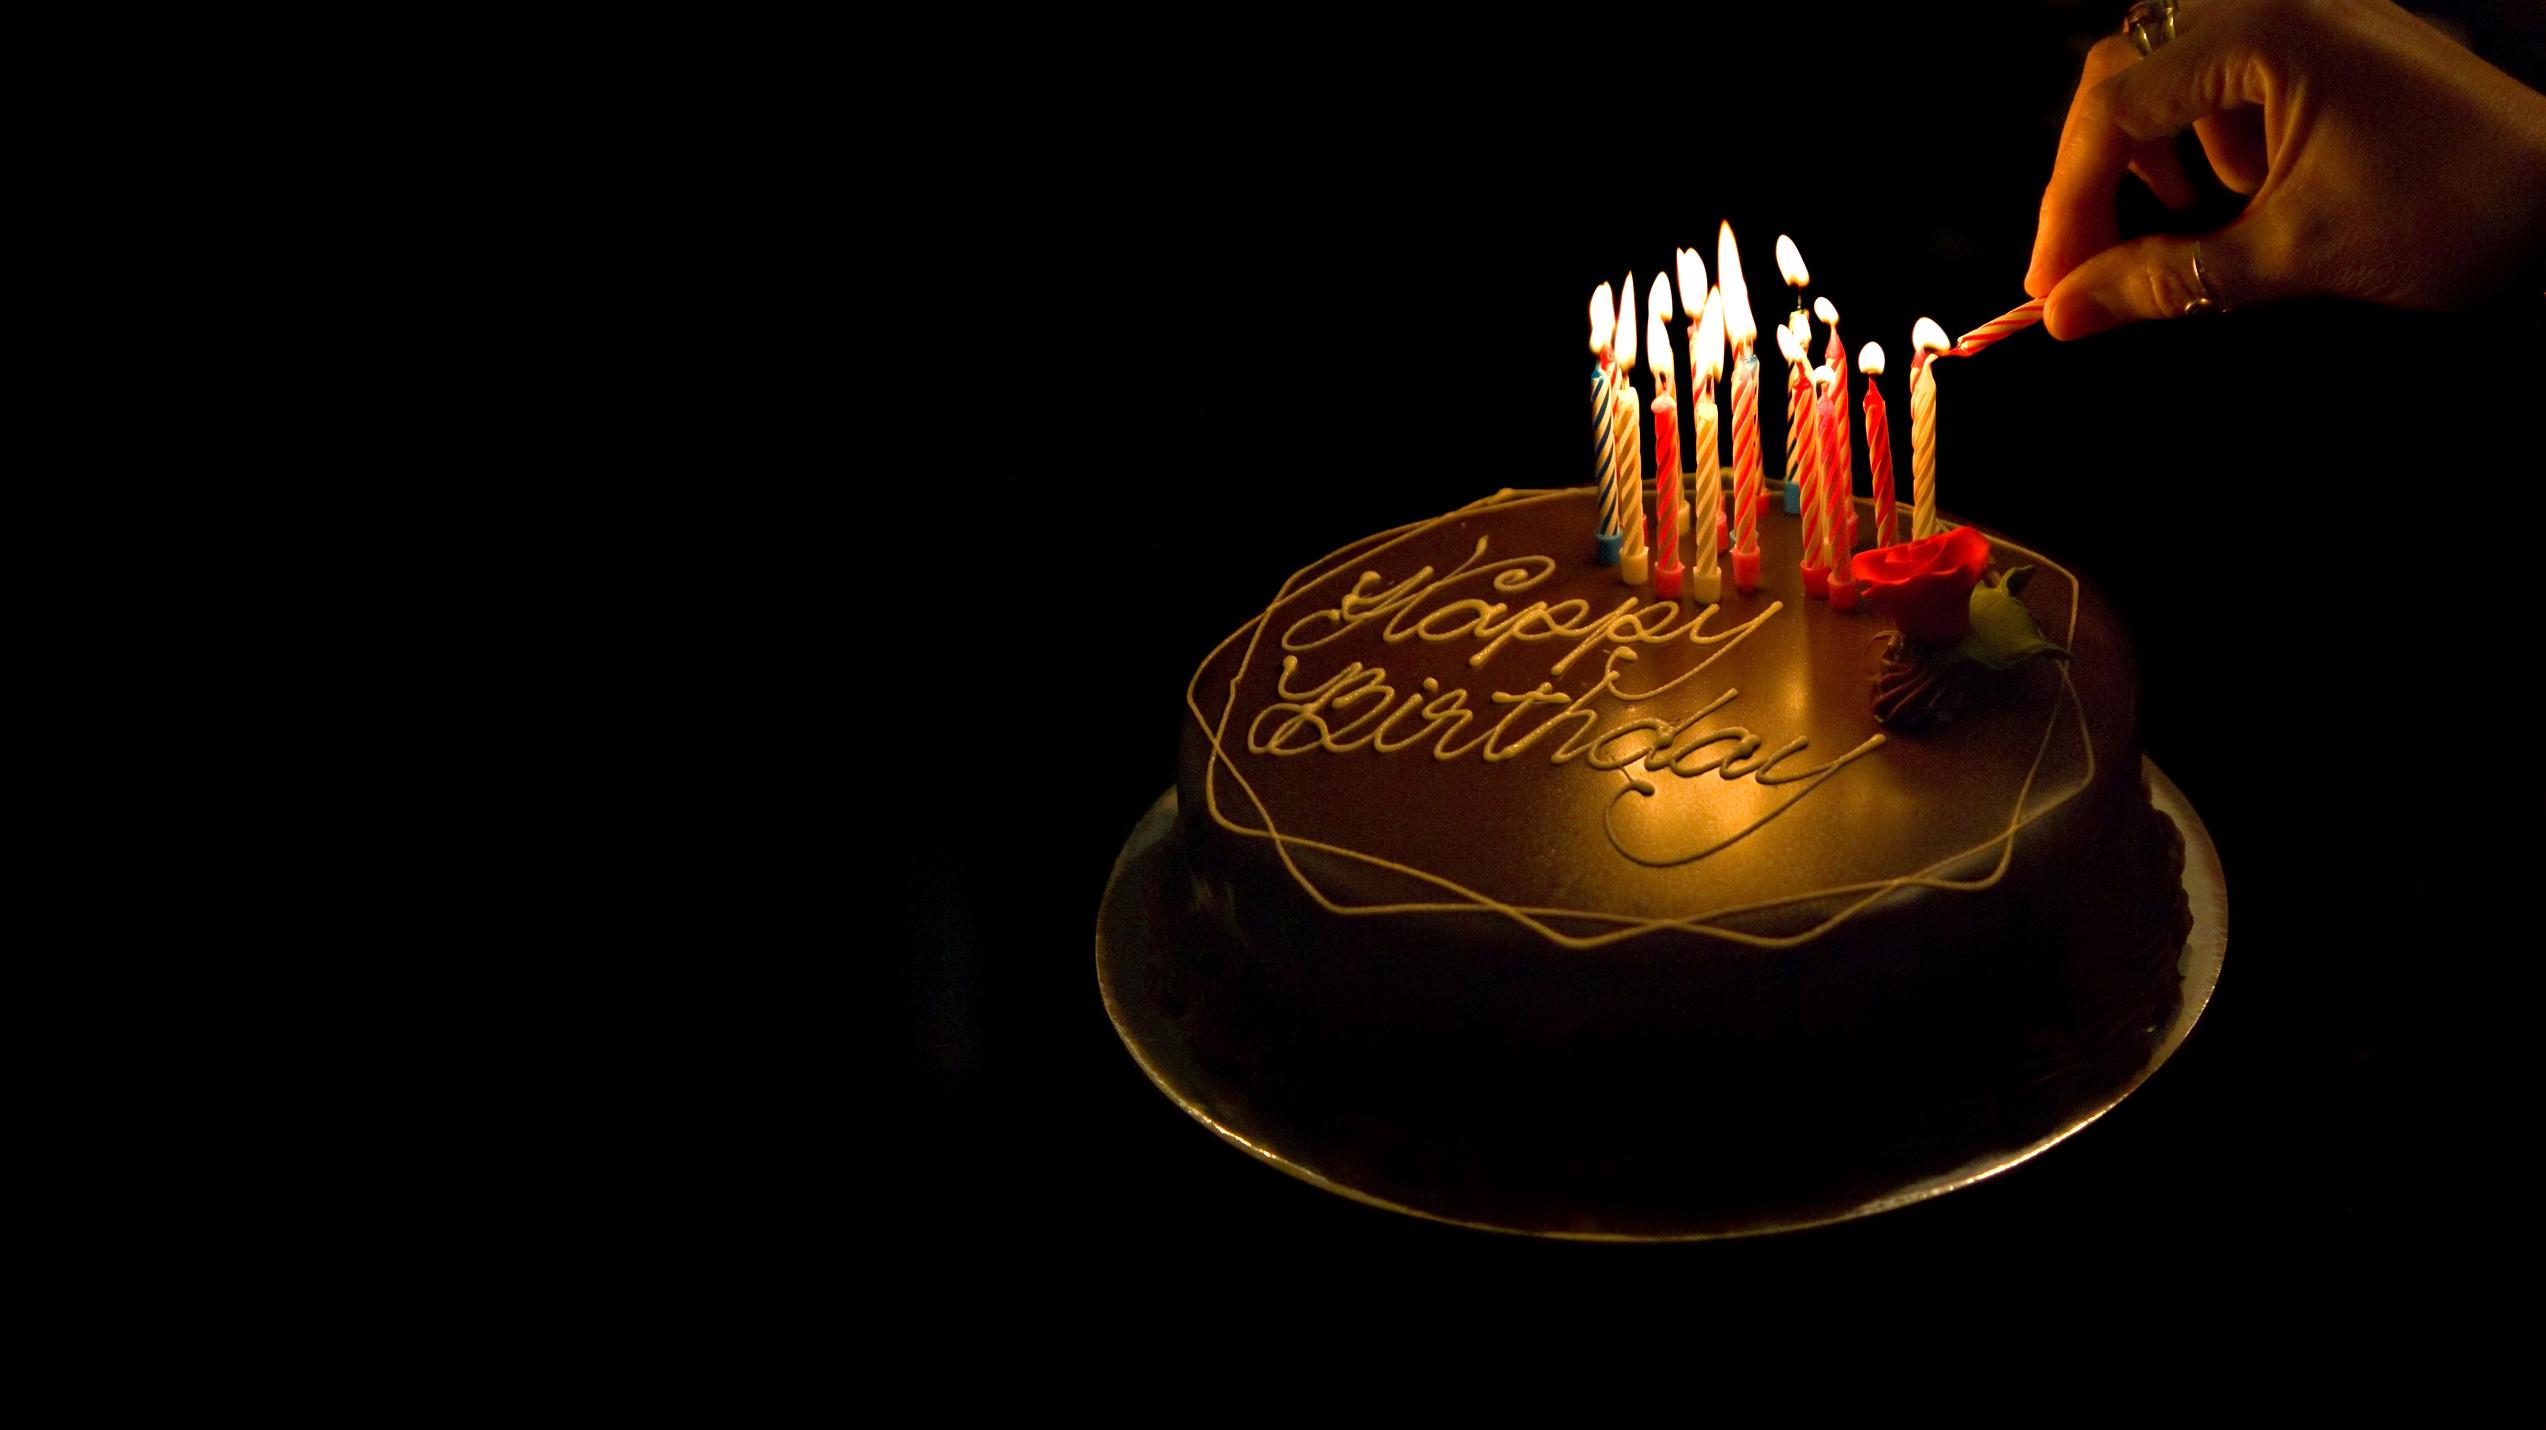 Открытки с днем рождения на итальянском языке мужчине с переводом, картинки